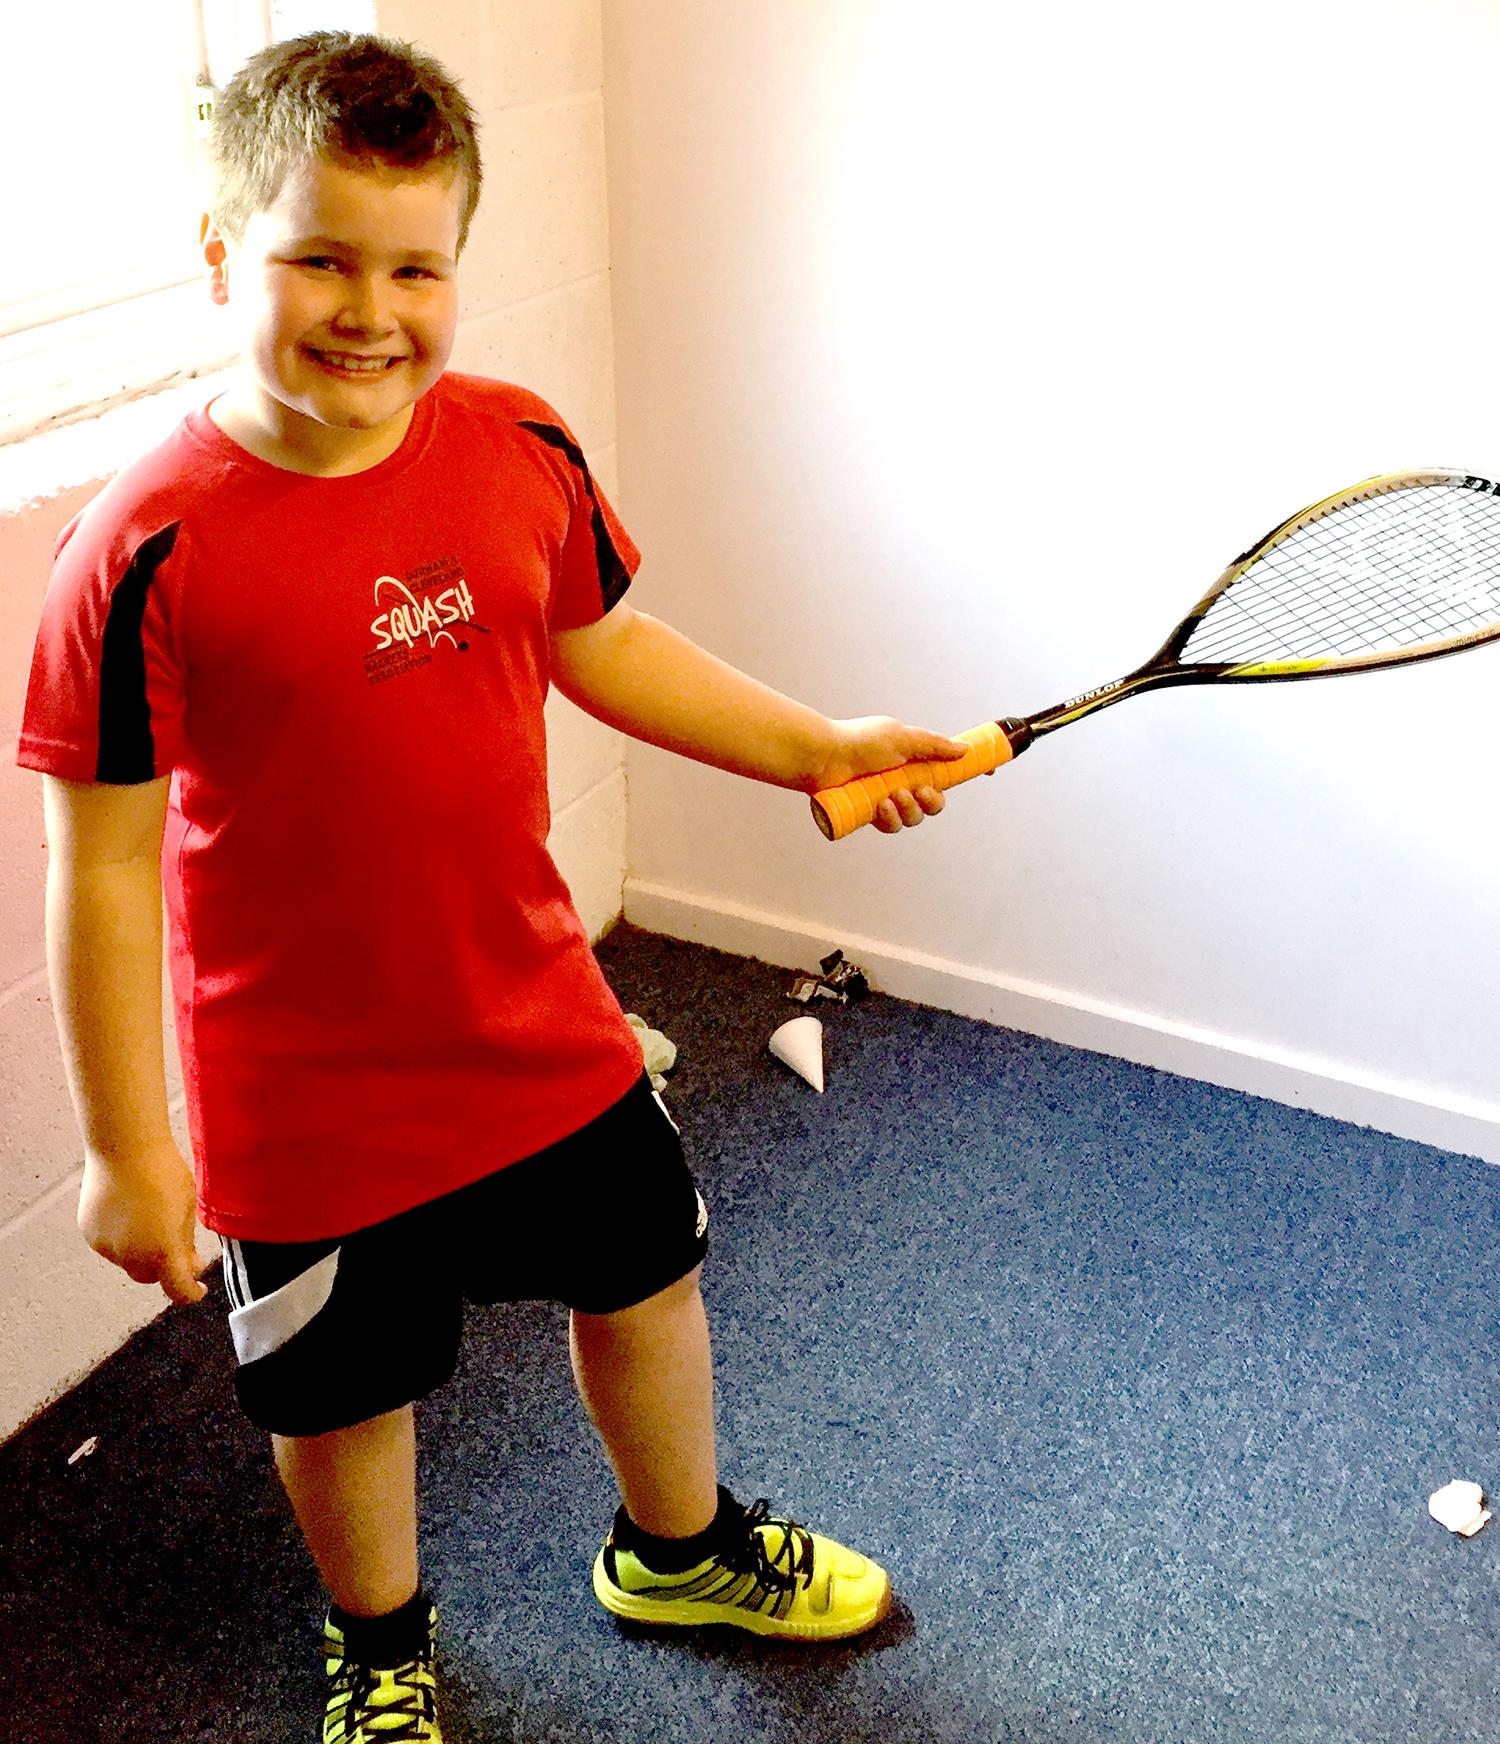 8 Year old Squash Star